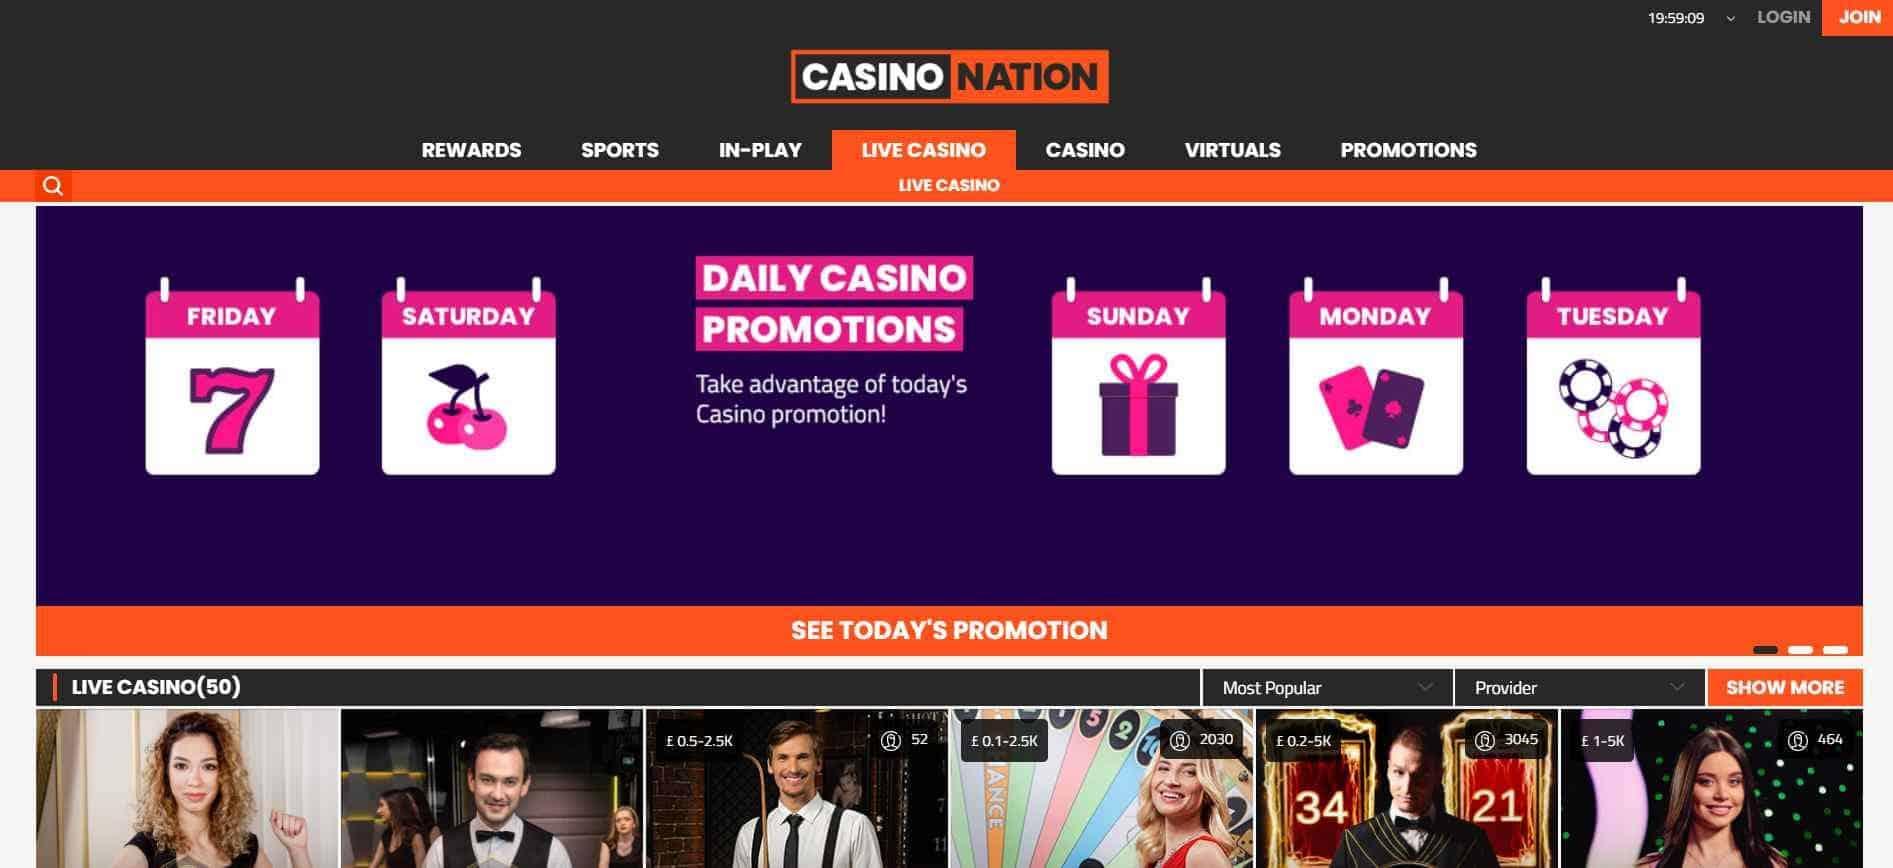 CasinoNation Live Casino